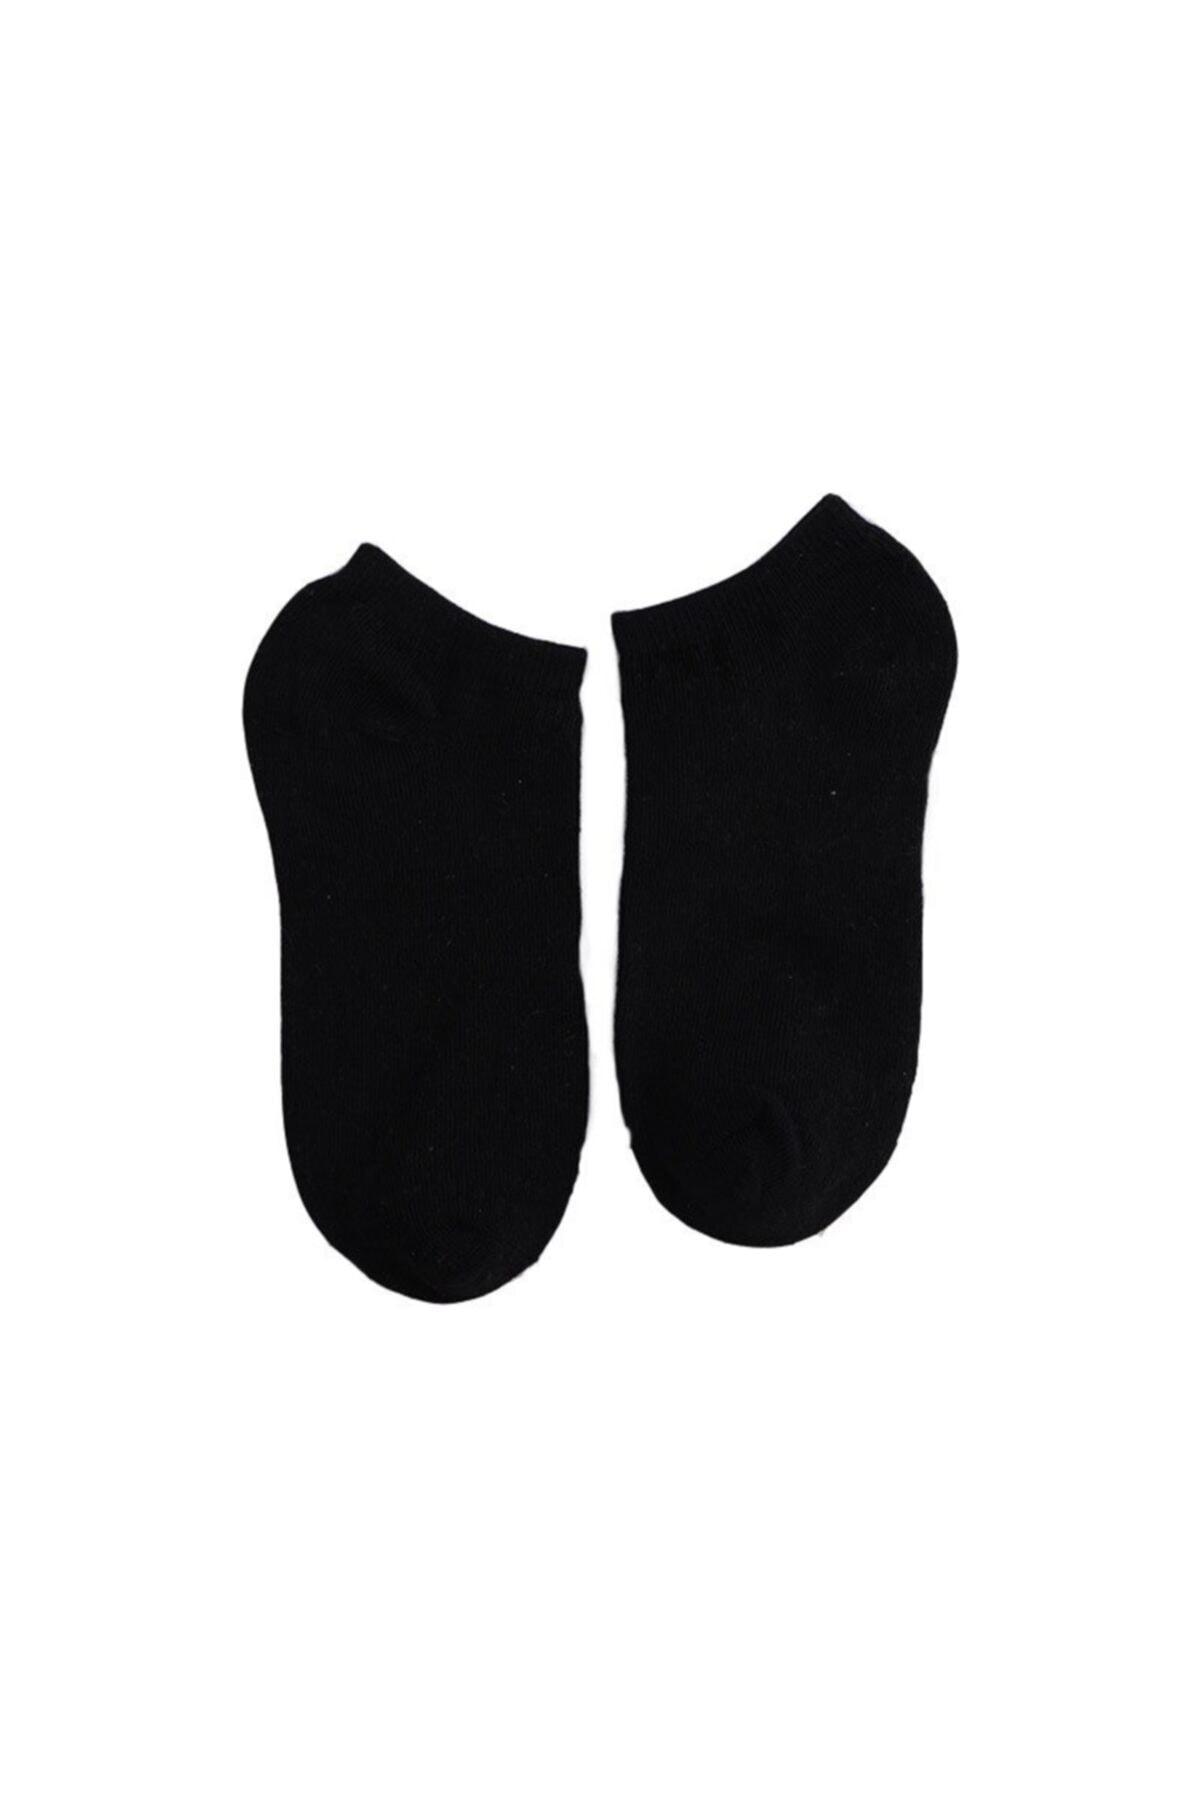 çorapmanya 10 Çift Koton Ekonomik Karışık Renk Kadın Patik Çorap 2